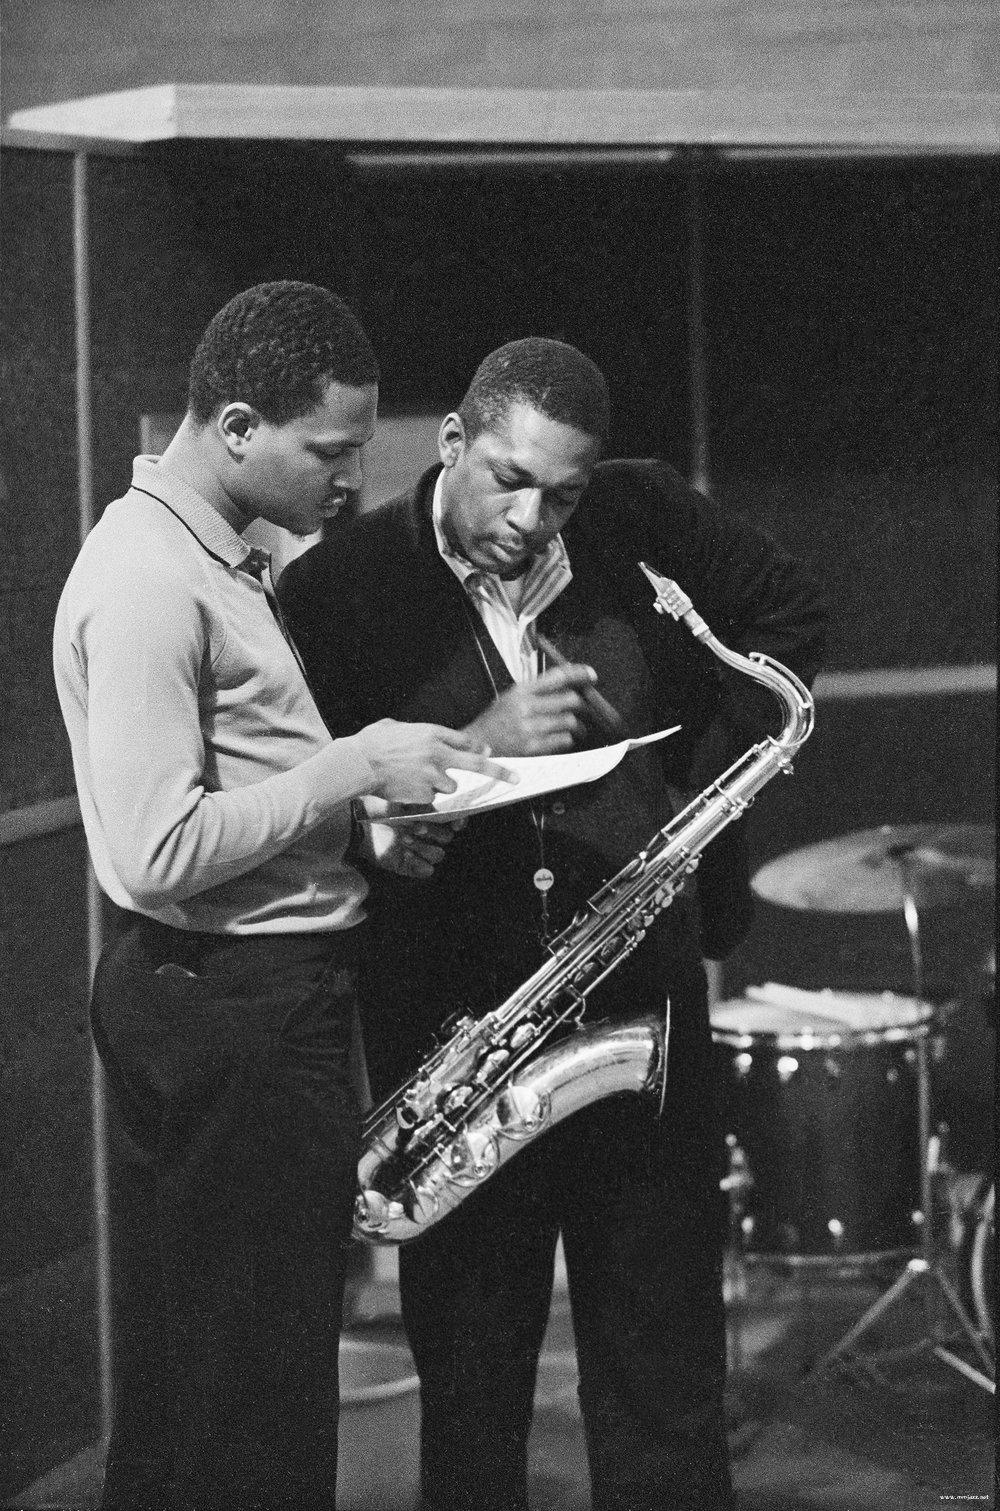 3 1963년 스튜디오에서 녹음할 당시 매코이 타이너와 존 콜트레인.jpg